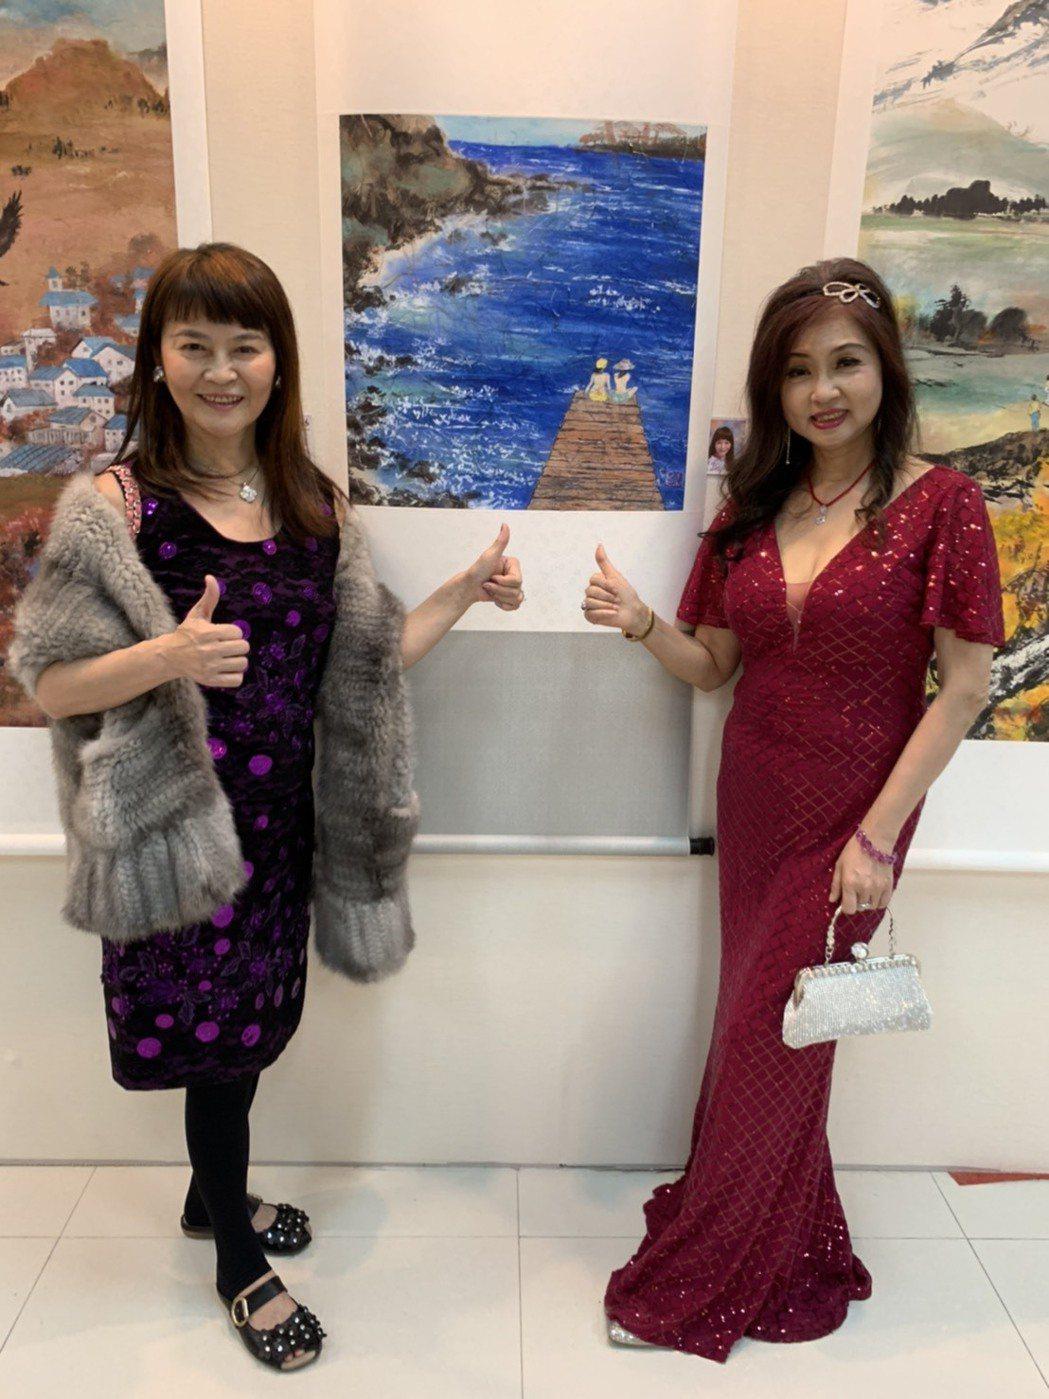 程秀瑛(左)和龔蓮華一起參加「第五屆兩岸影視名家書畫展」 記者 楊起鳳/攝影